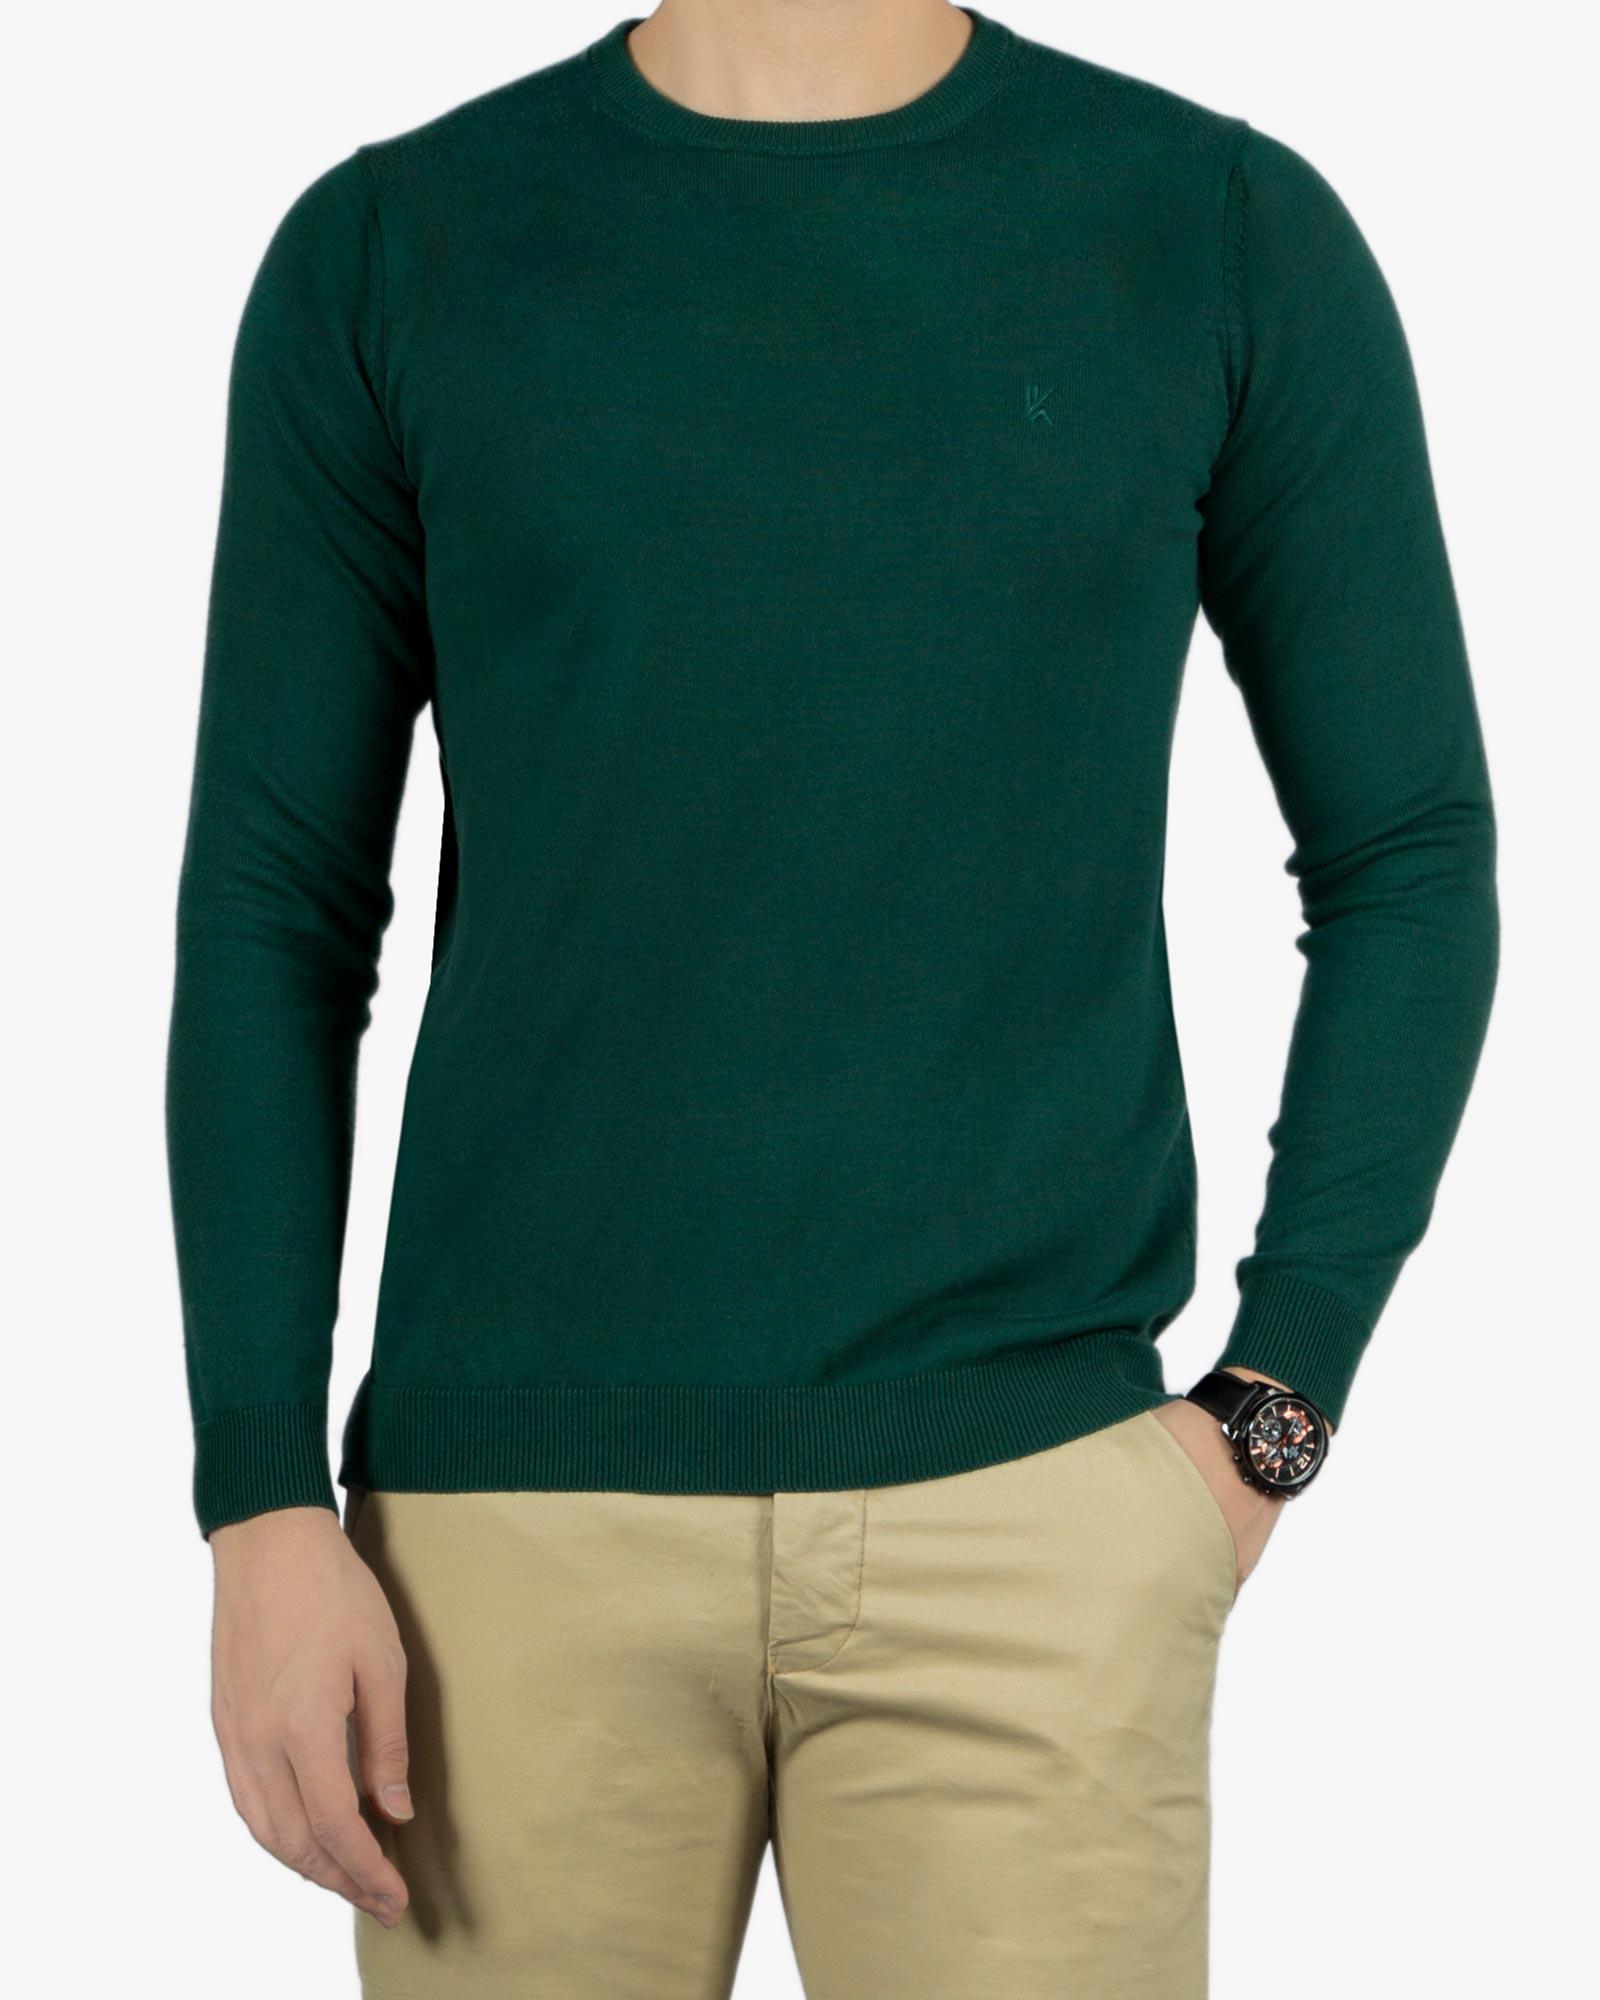 مانتو لگ پلیور بافت مردانه ساده یقه گرد سبز فروشگاه سارابارا